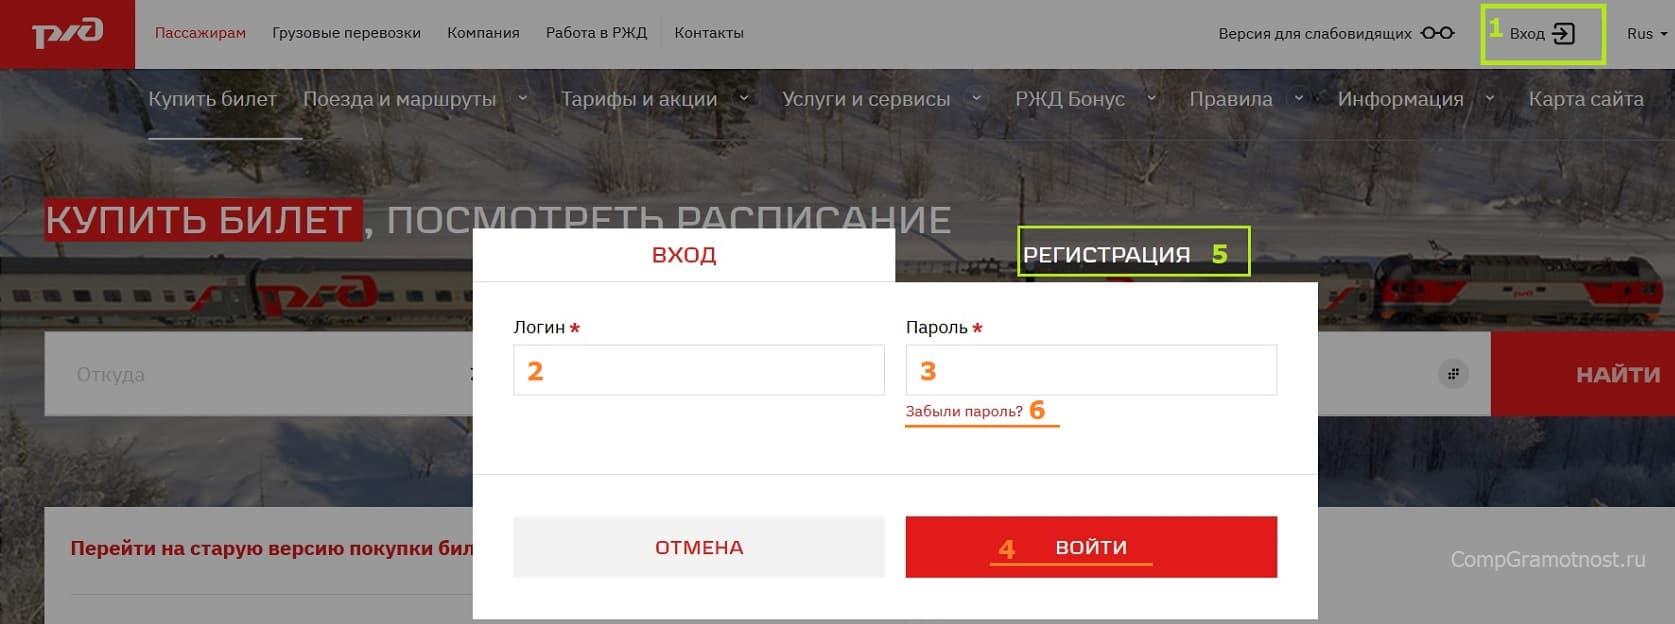 Вход на сайте РЖД в свой аккаунт